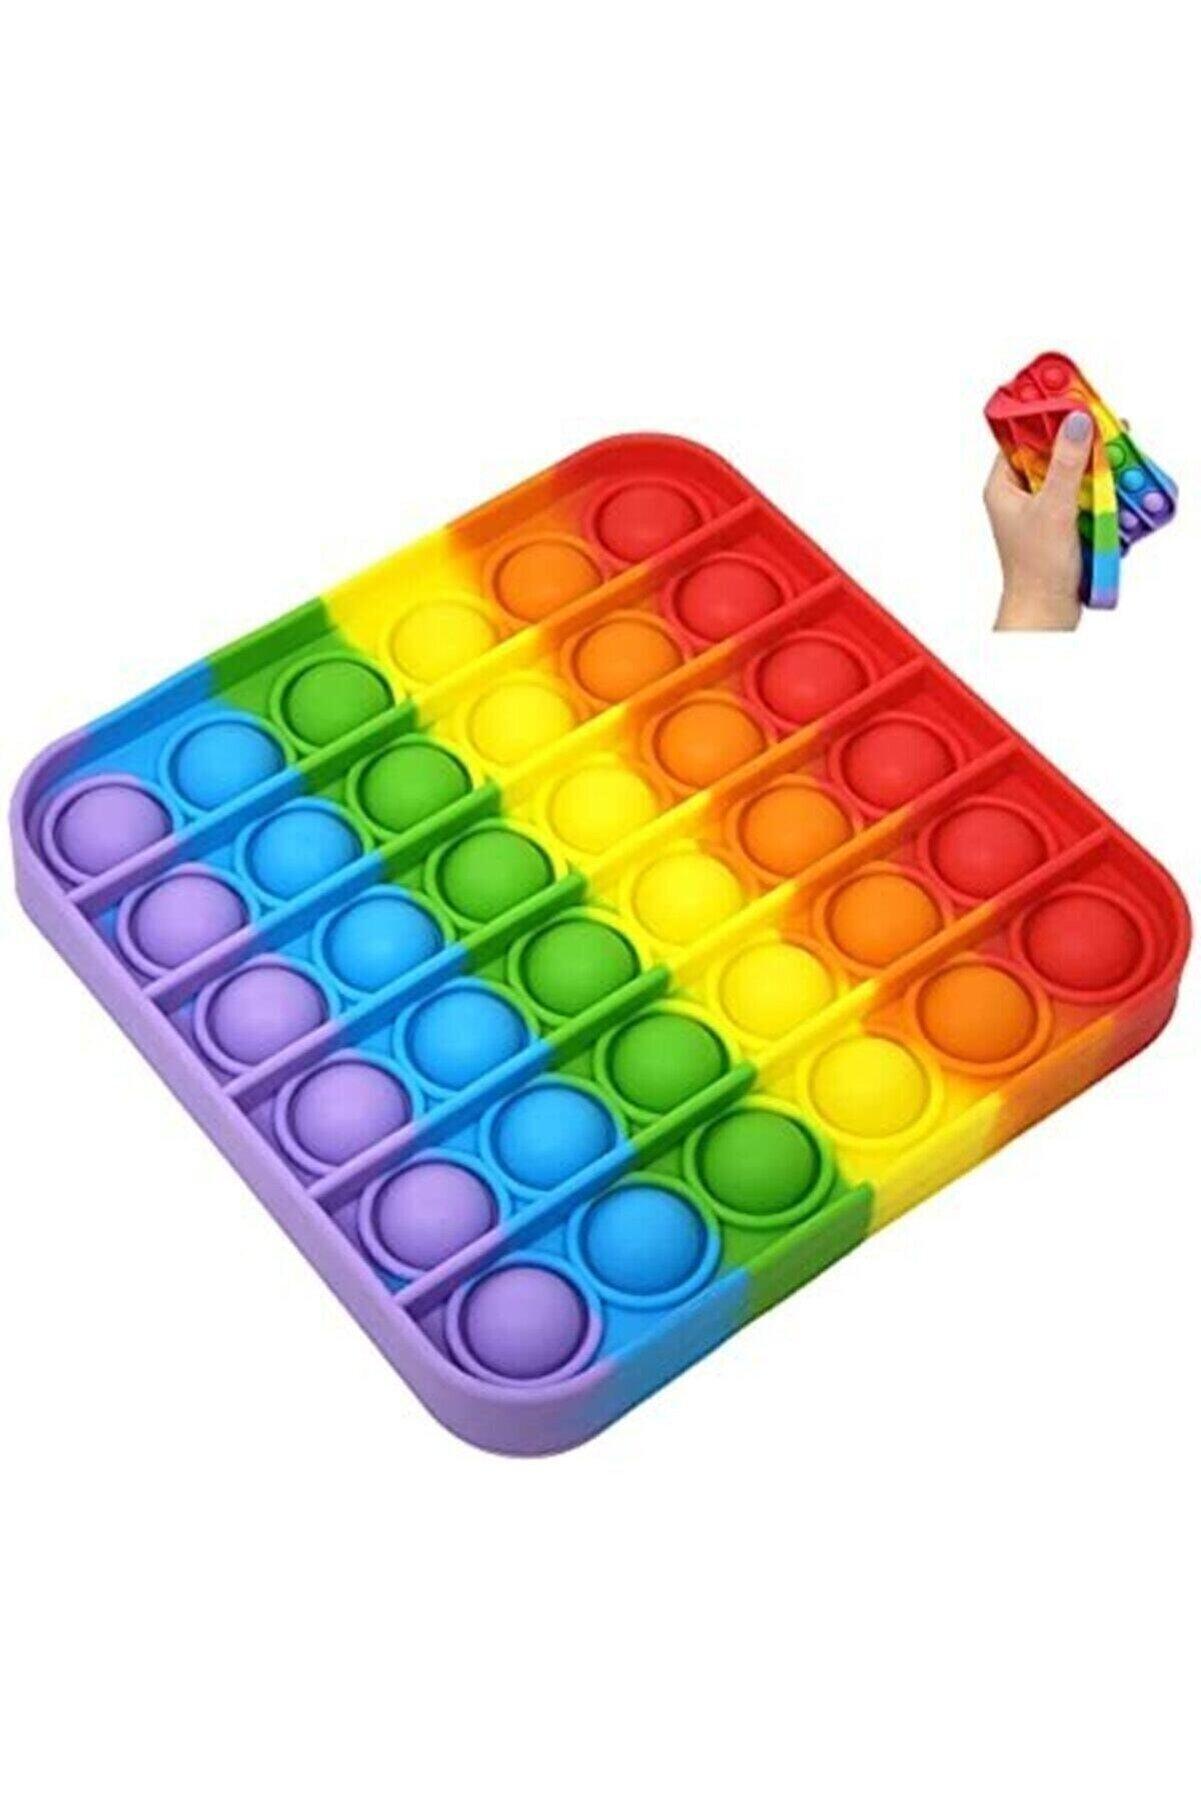 Başel Toys Pop It Push Bubble Fidget Özel Pop Duyusal Oyuncak Zihinsel Stres (KARE)